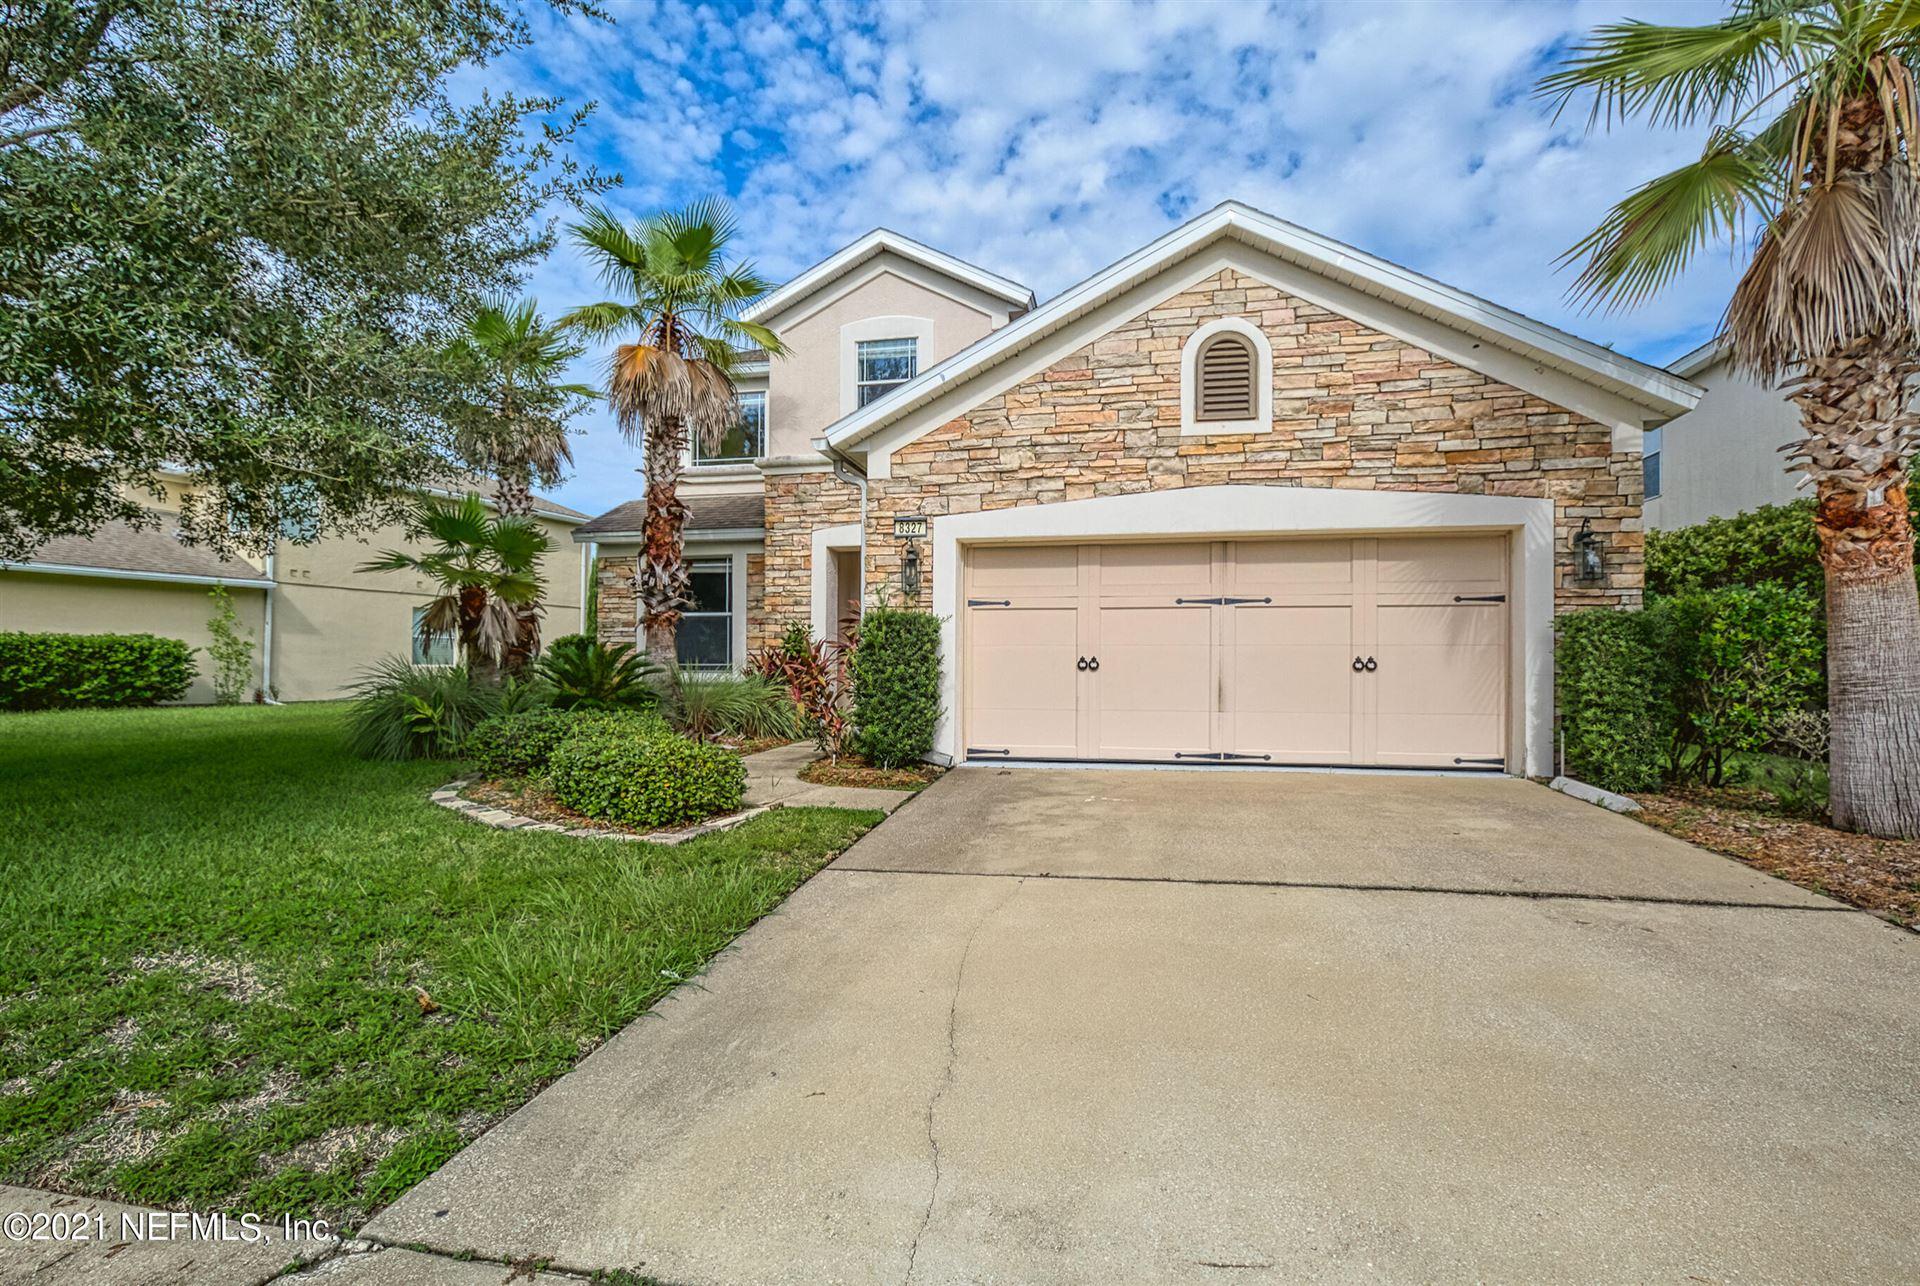 8327 HIGHGATE DR, Jacksonville, FL 32216 - MLS#: 1121627